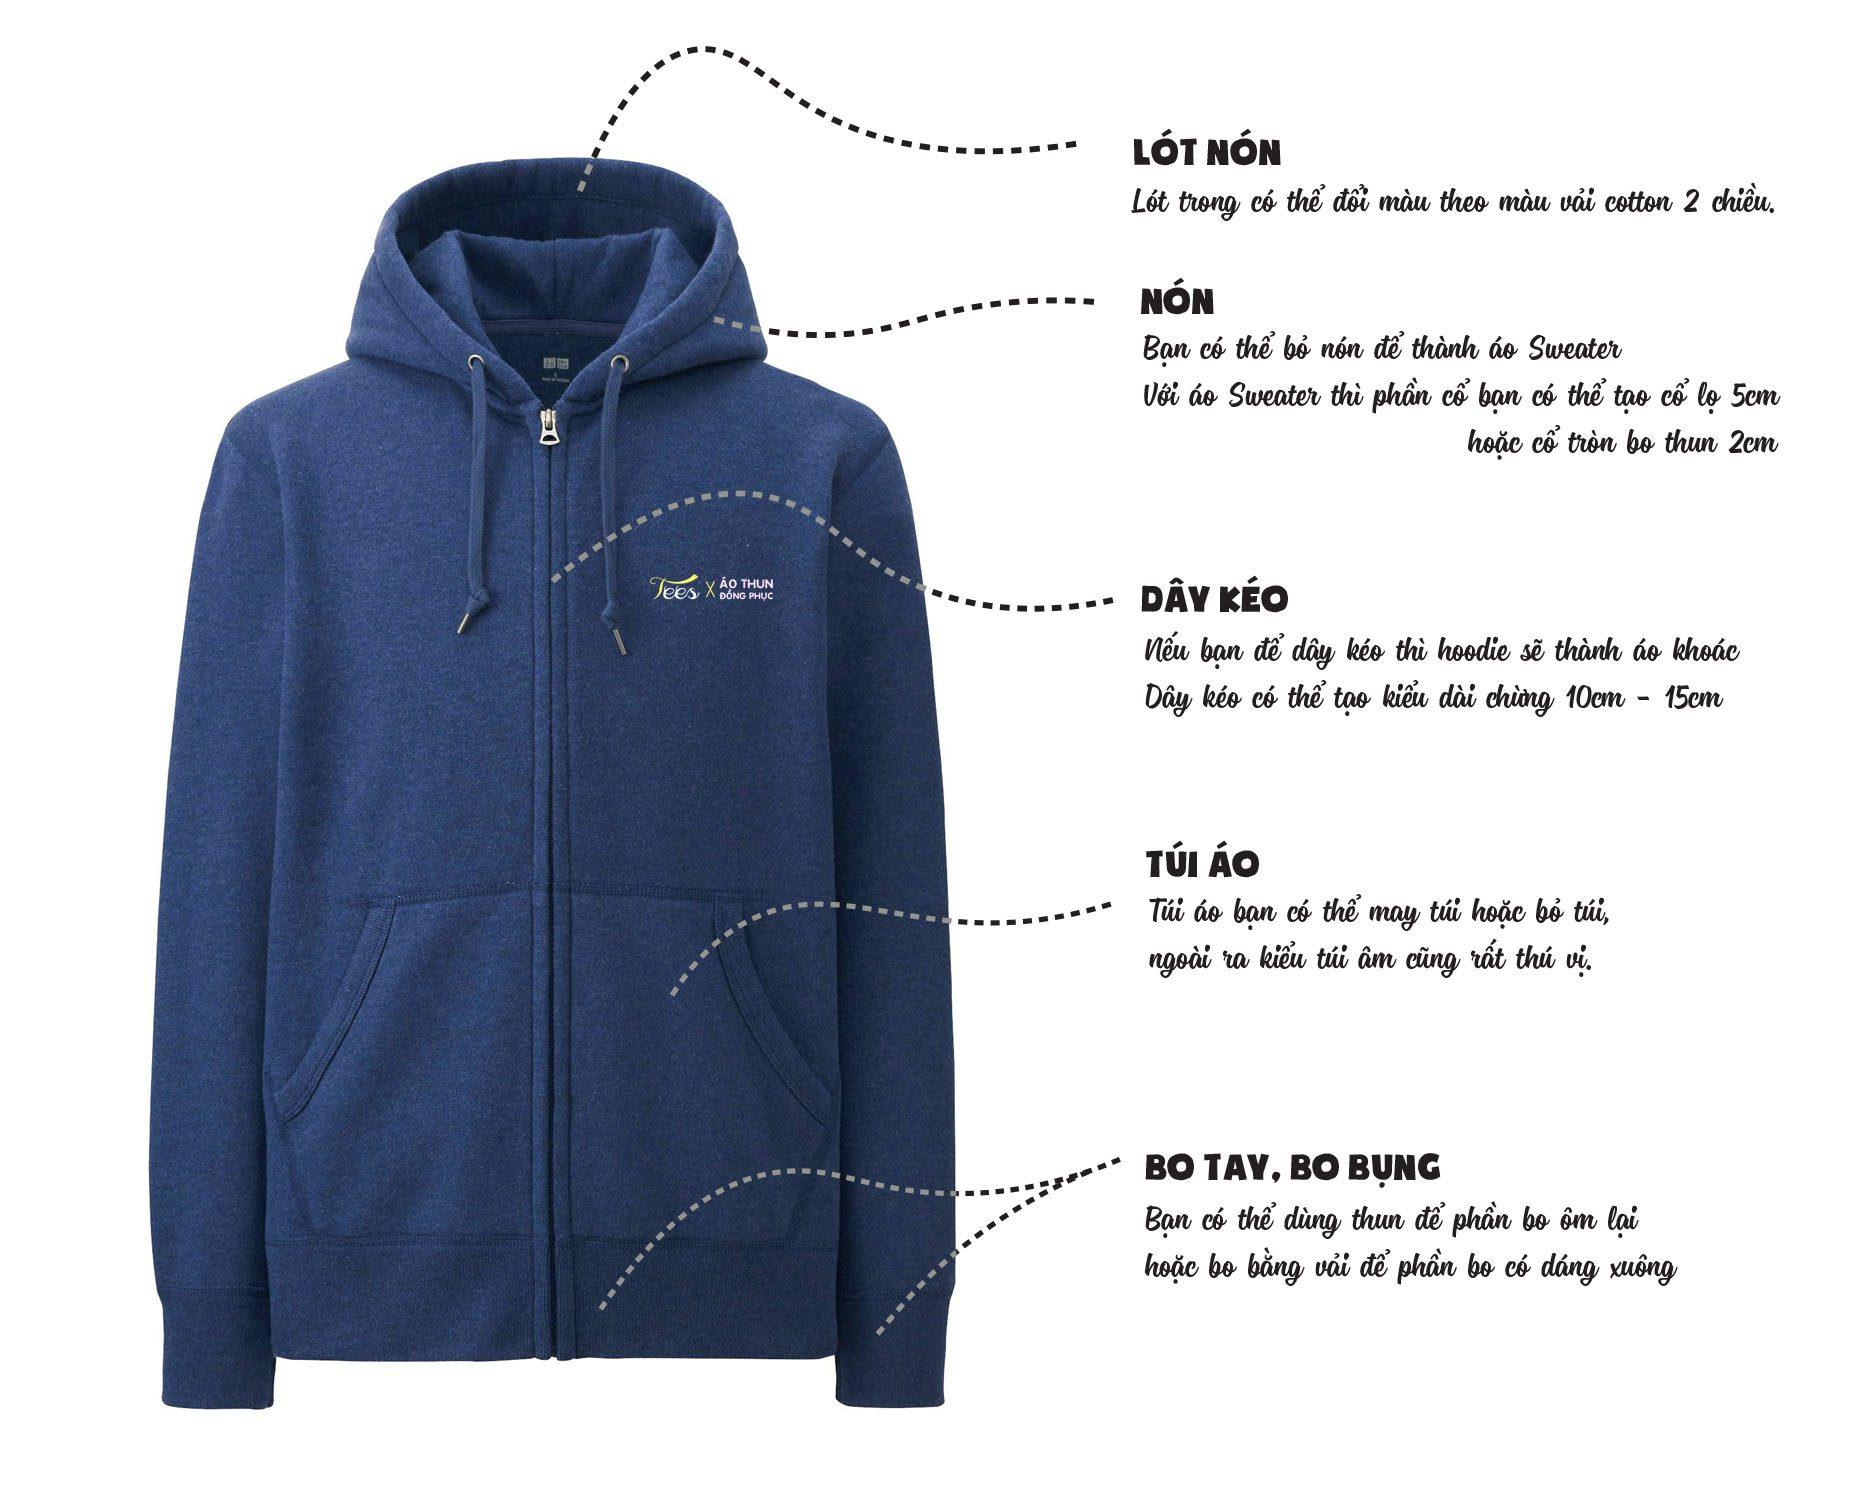 file thiet ke - Giới thiệu sản phẩm áo thun Hoodie - Sweater đồng phục